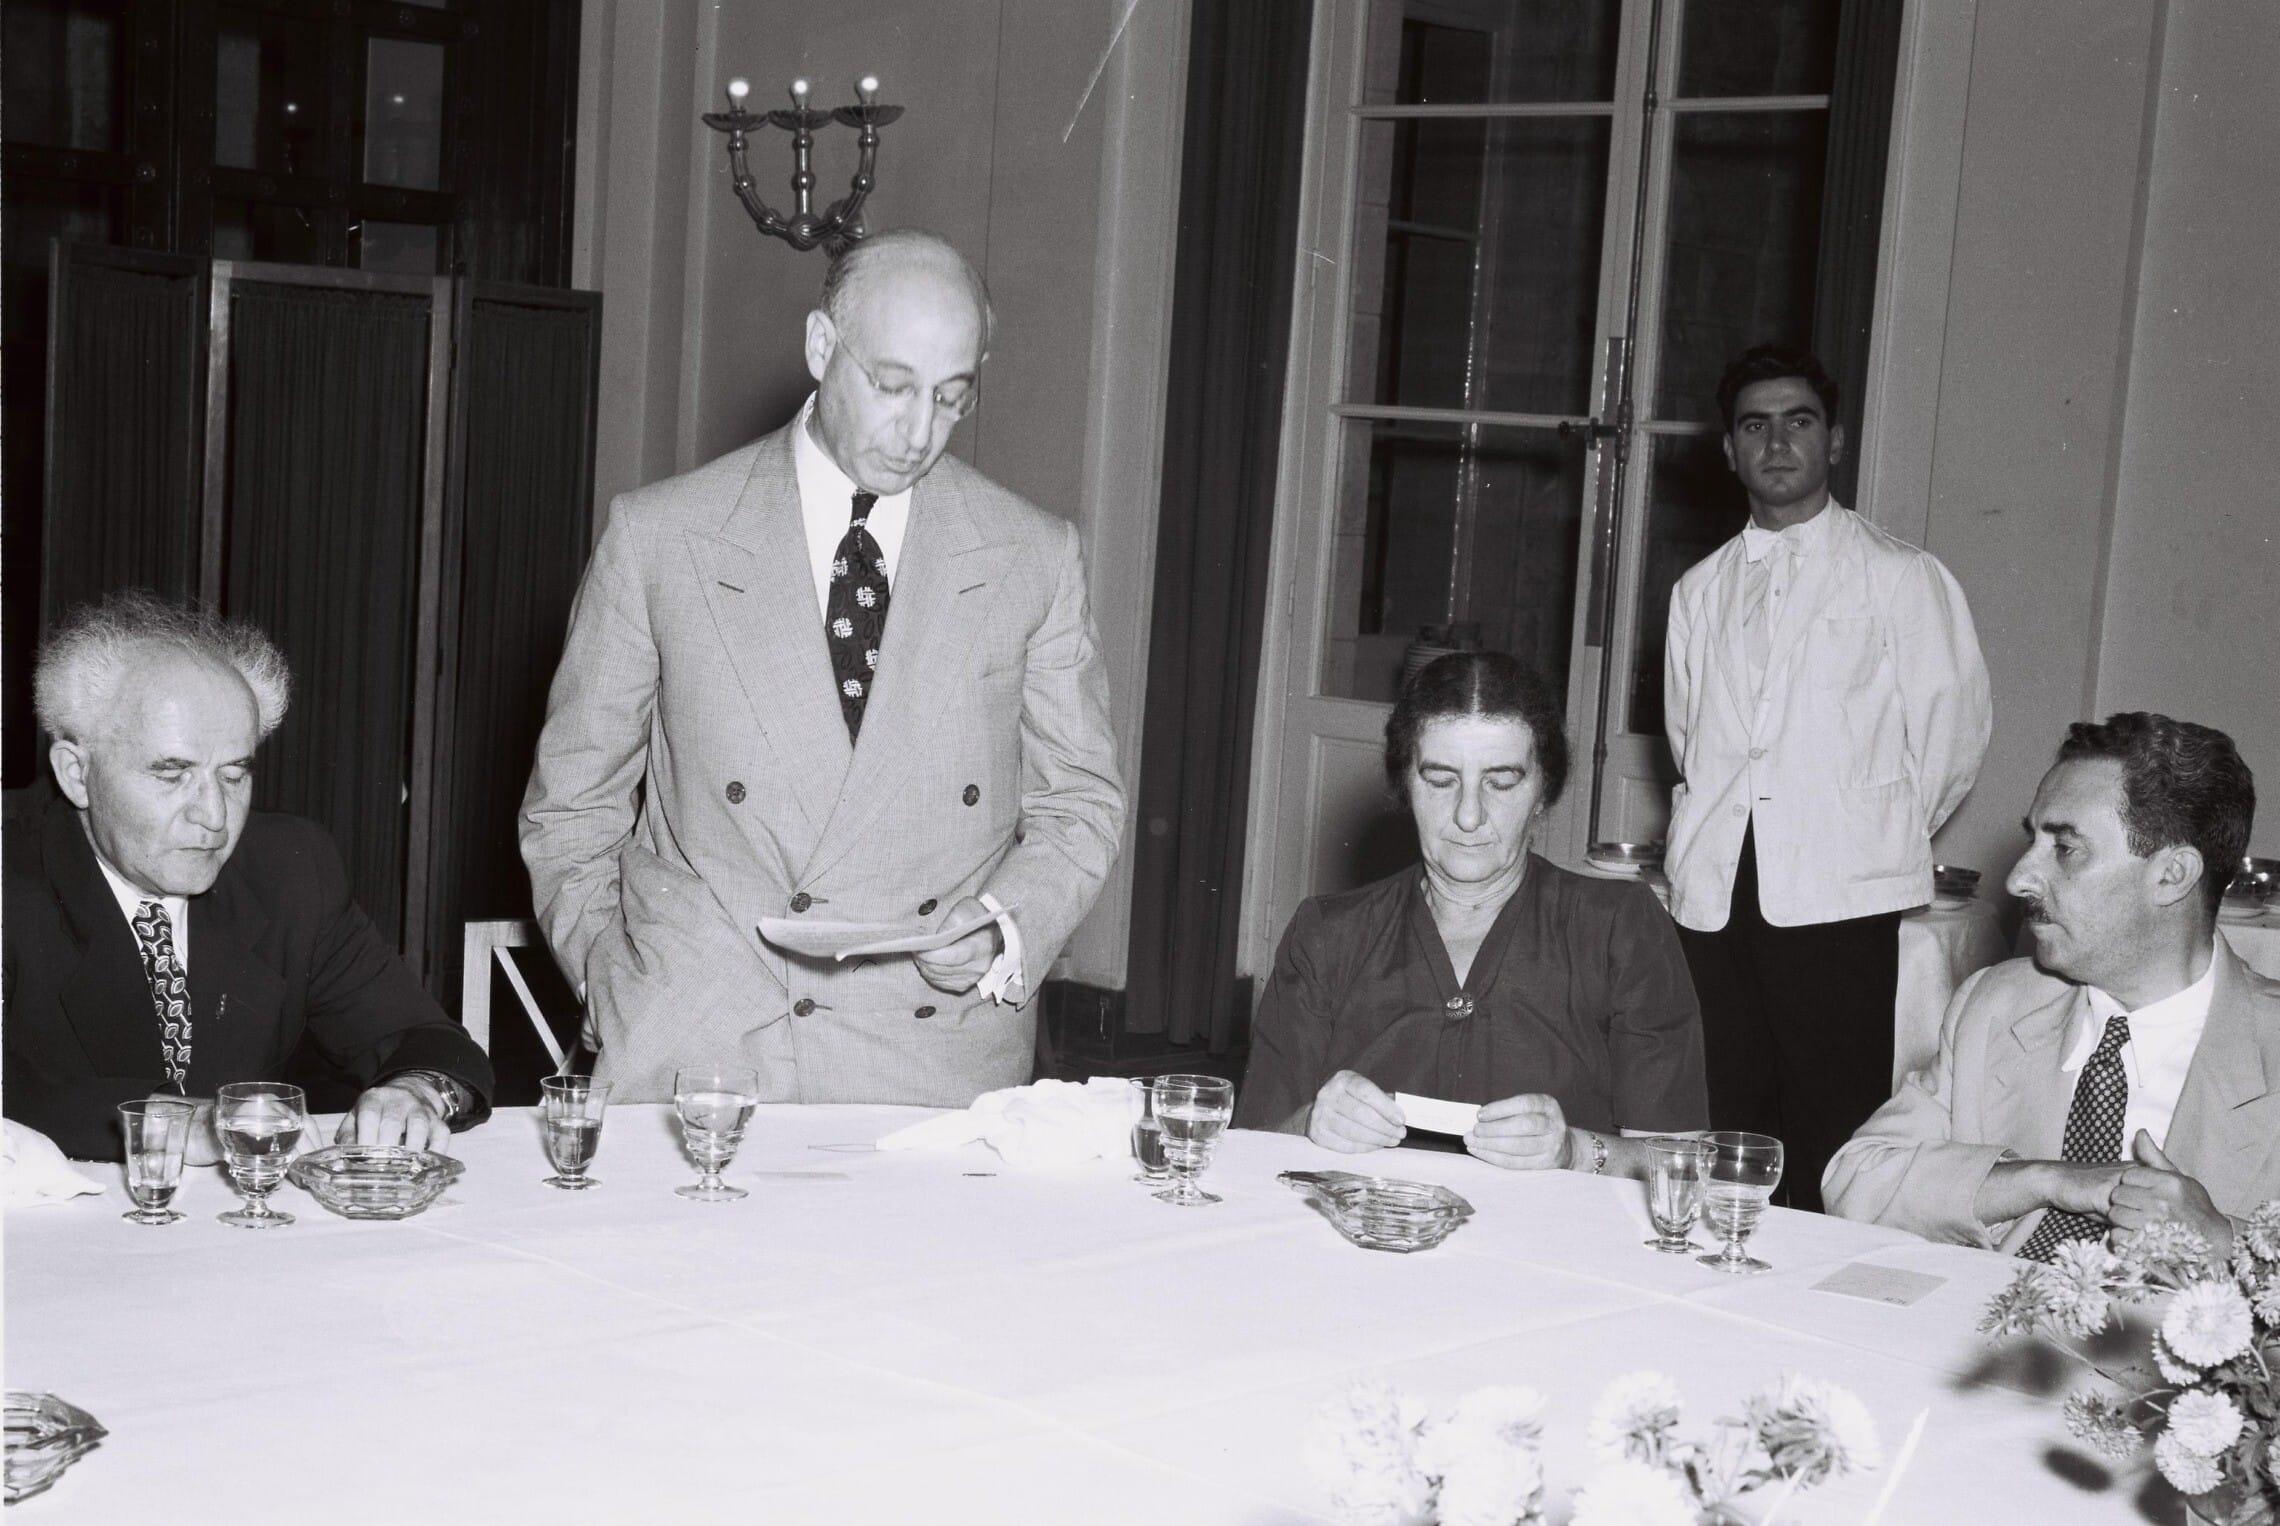 """משה שרת, גולדה מאיר ודוד בן-גוריון בארוחת צהריים במלון המלך דוד לכבוד אורחים מארצות הברית, אוגוסט 1950 (צילום: לע""""מ)"""